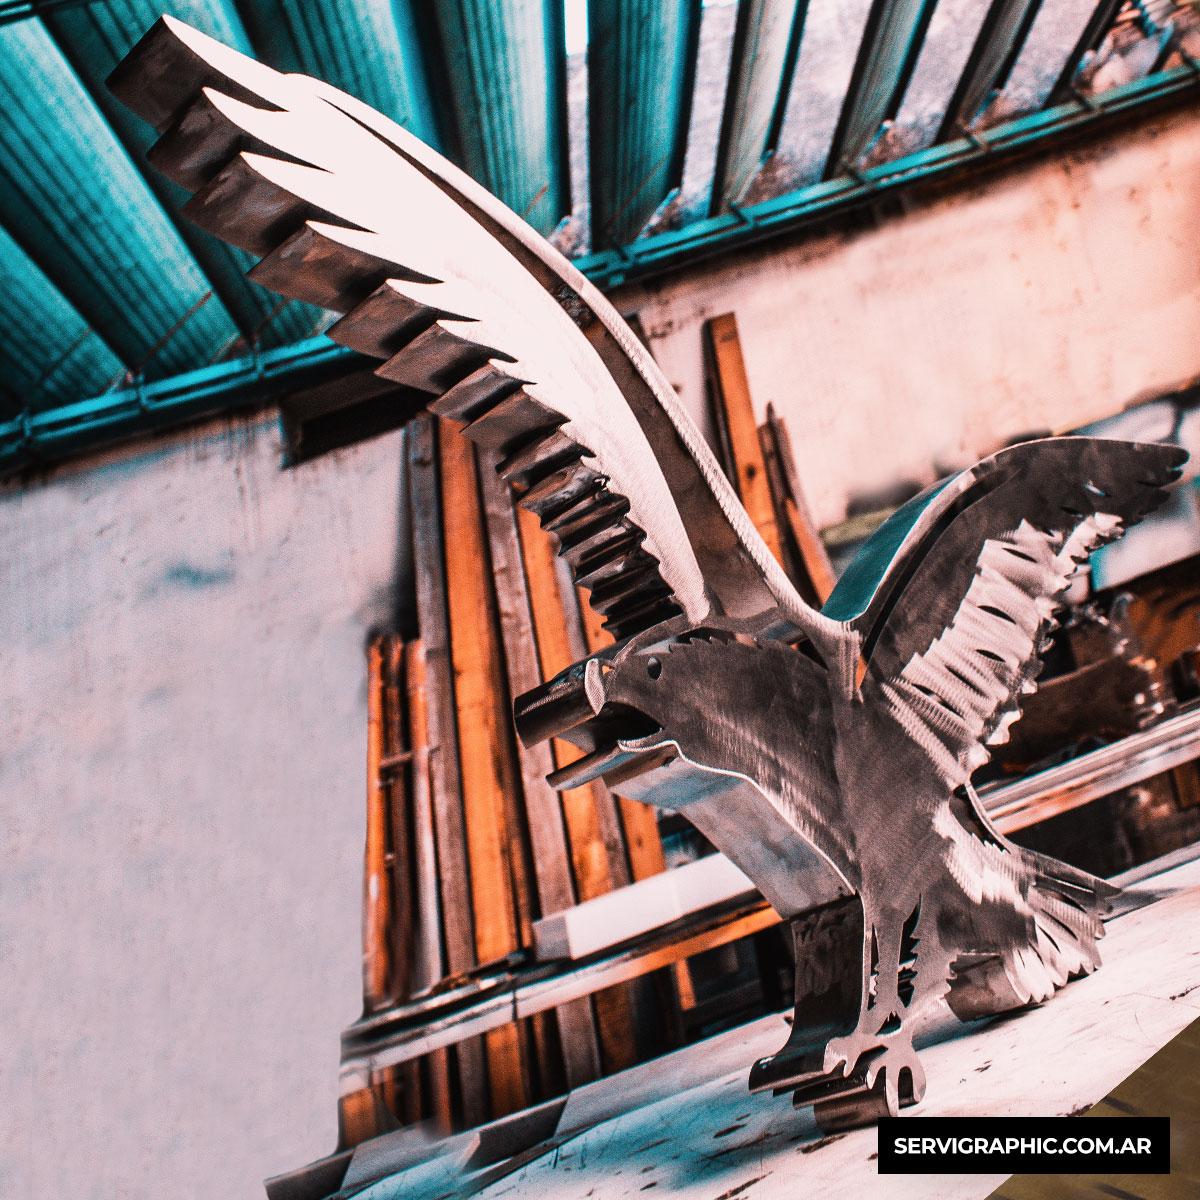 Águila corpórea fabricada de forma artesanal en chapa, terminación rustica.